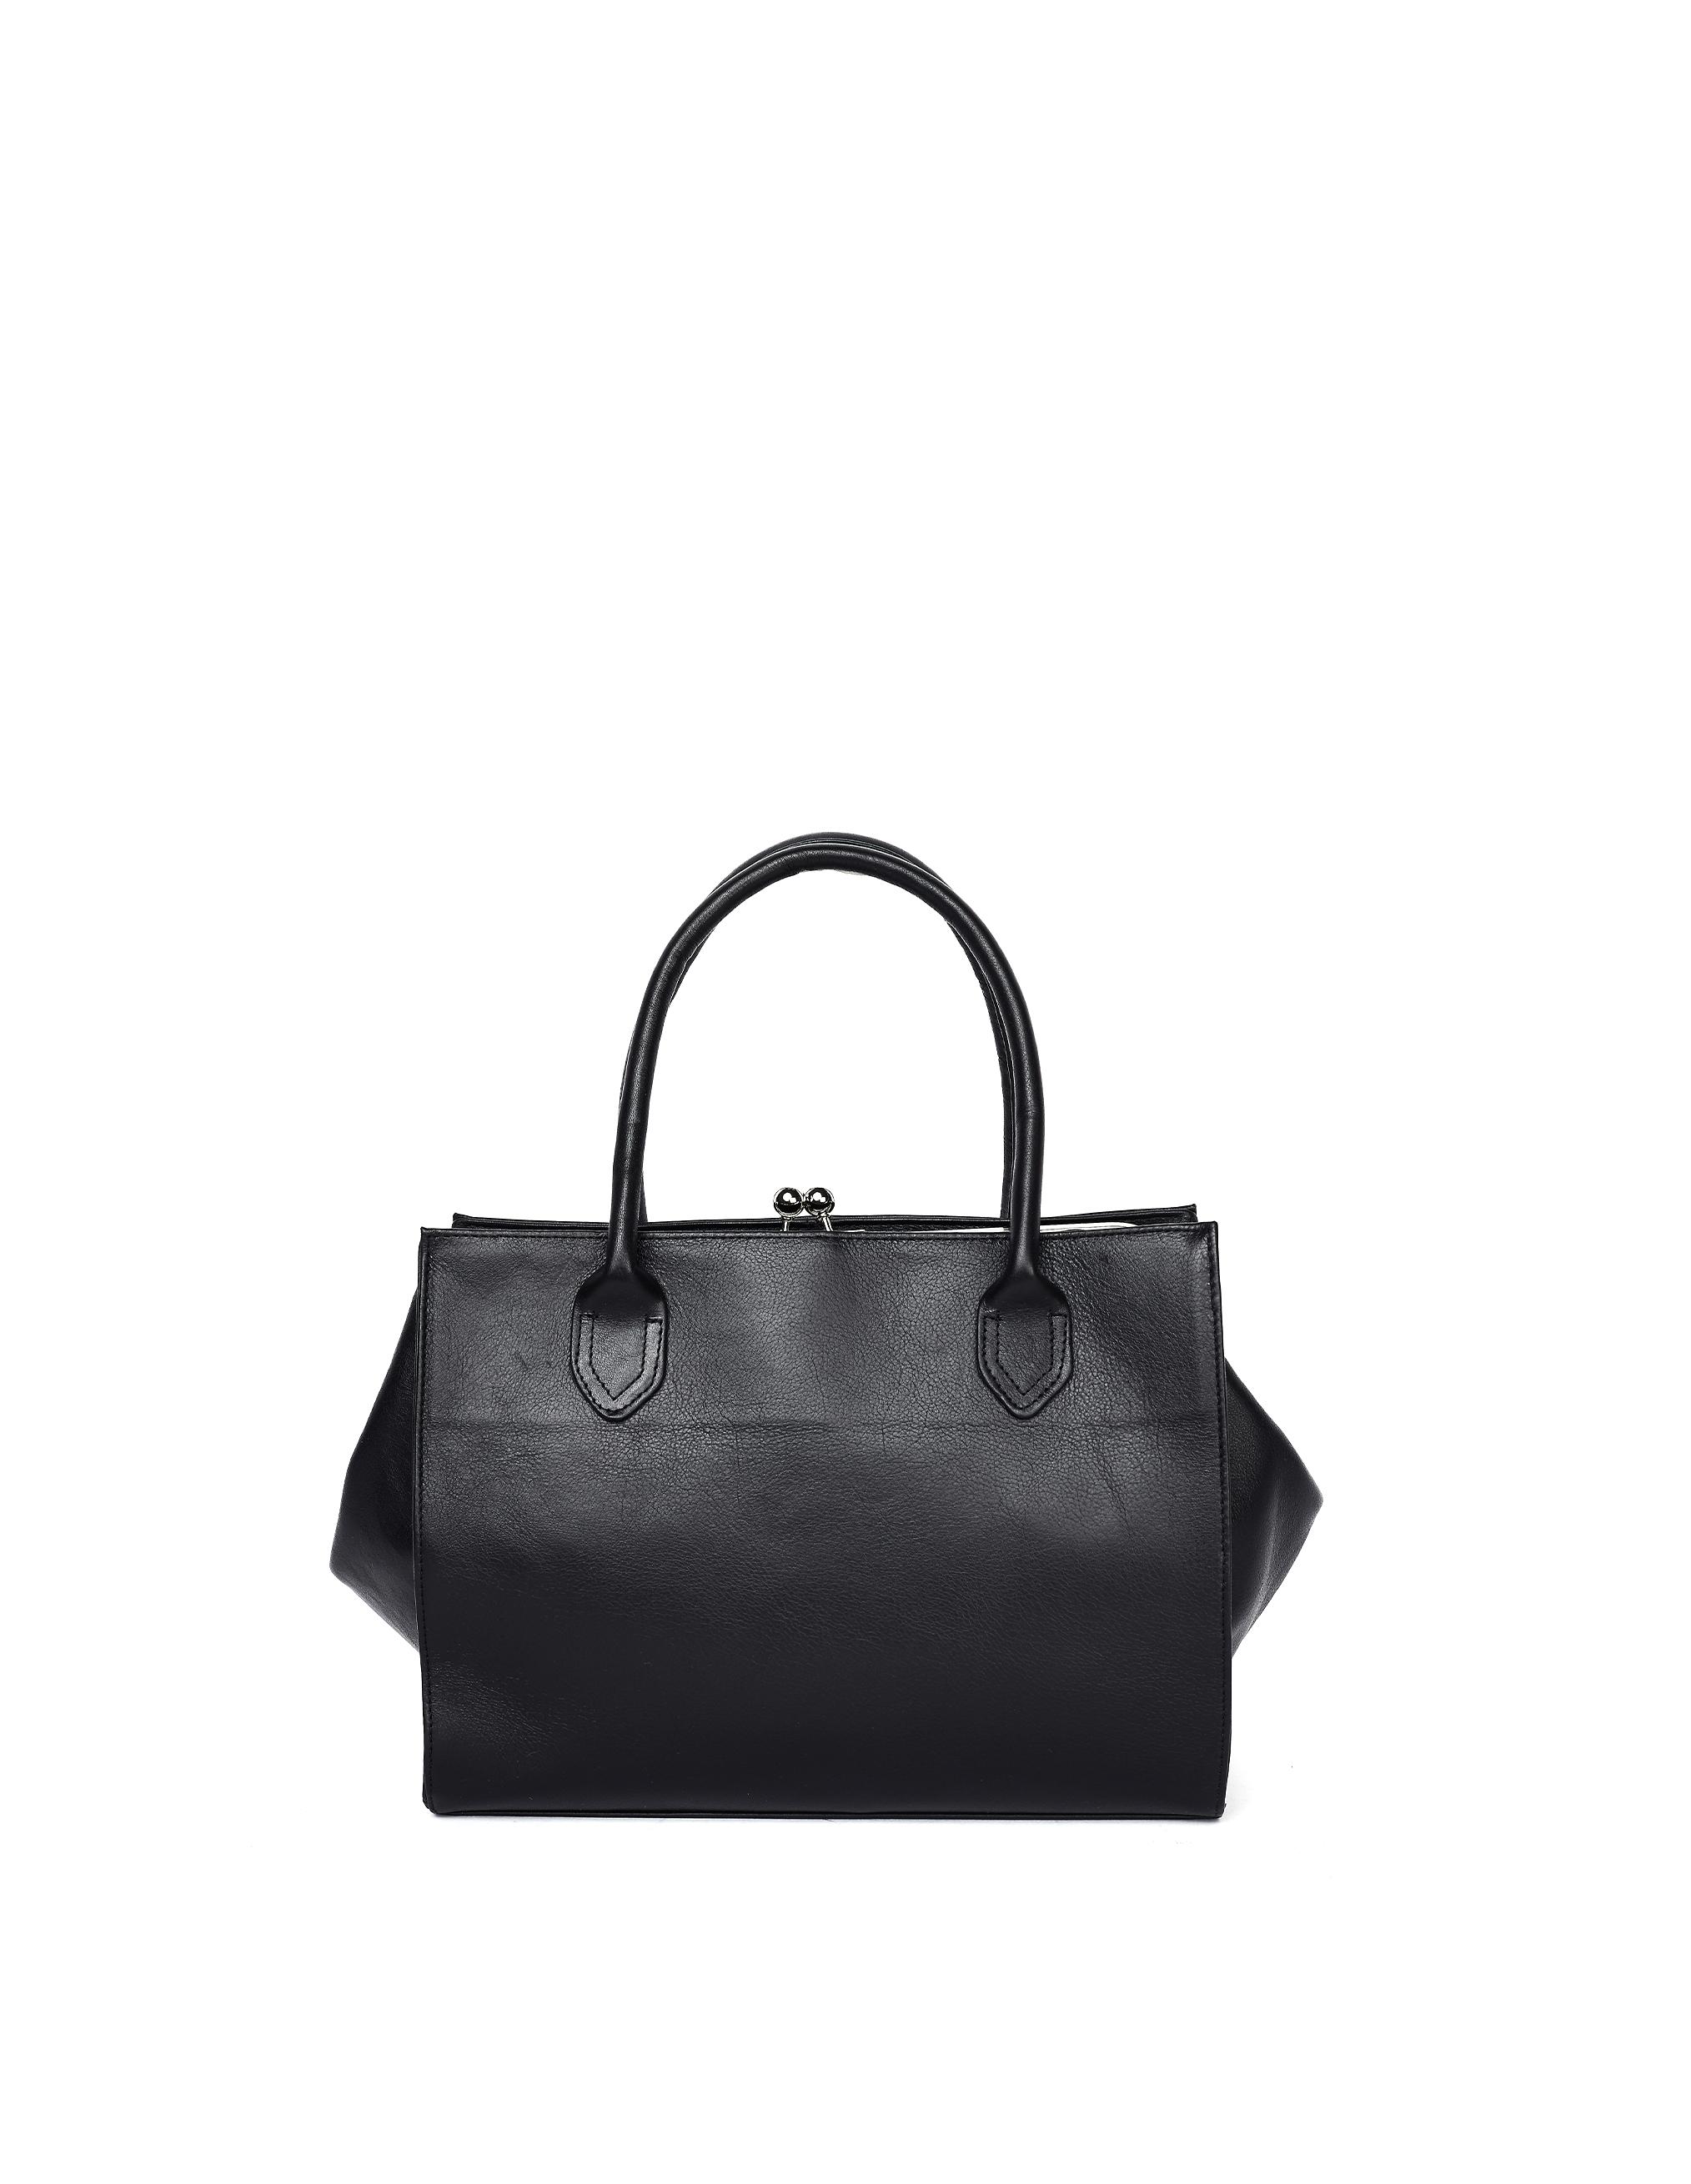 Y's Black Leather Tote Bag